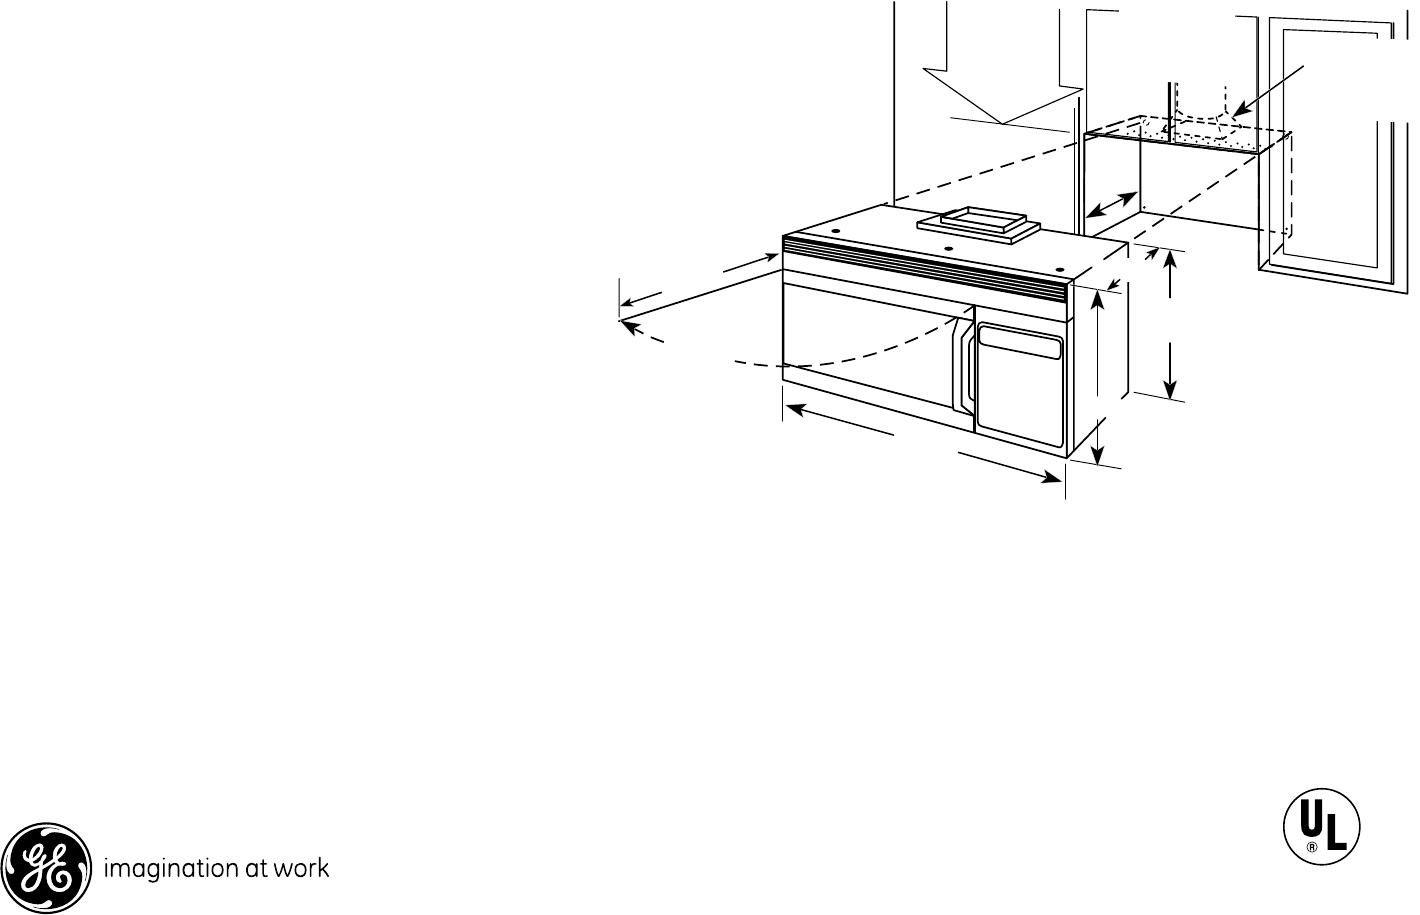 kenmore microwave repair manual pdf